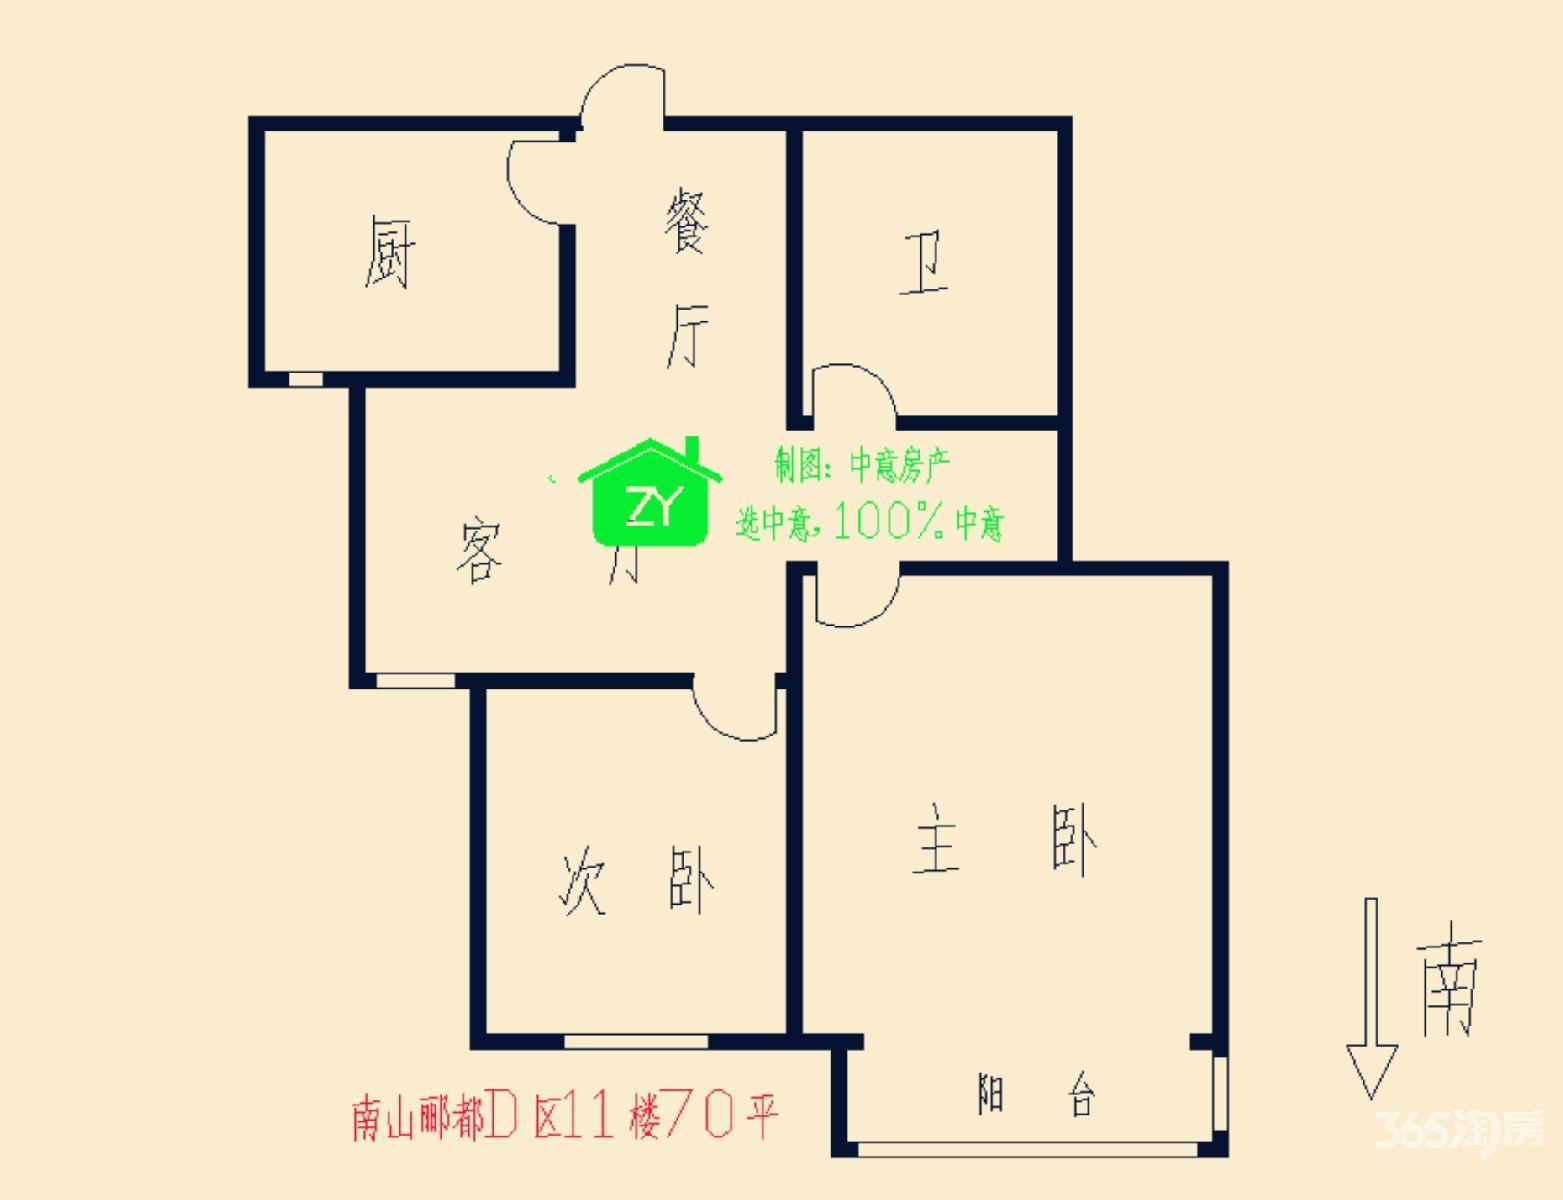 荣盛南山郦都2室2厅1卫70平方产权房精装